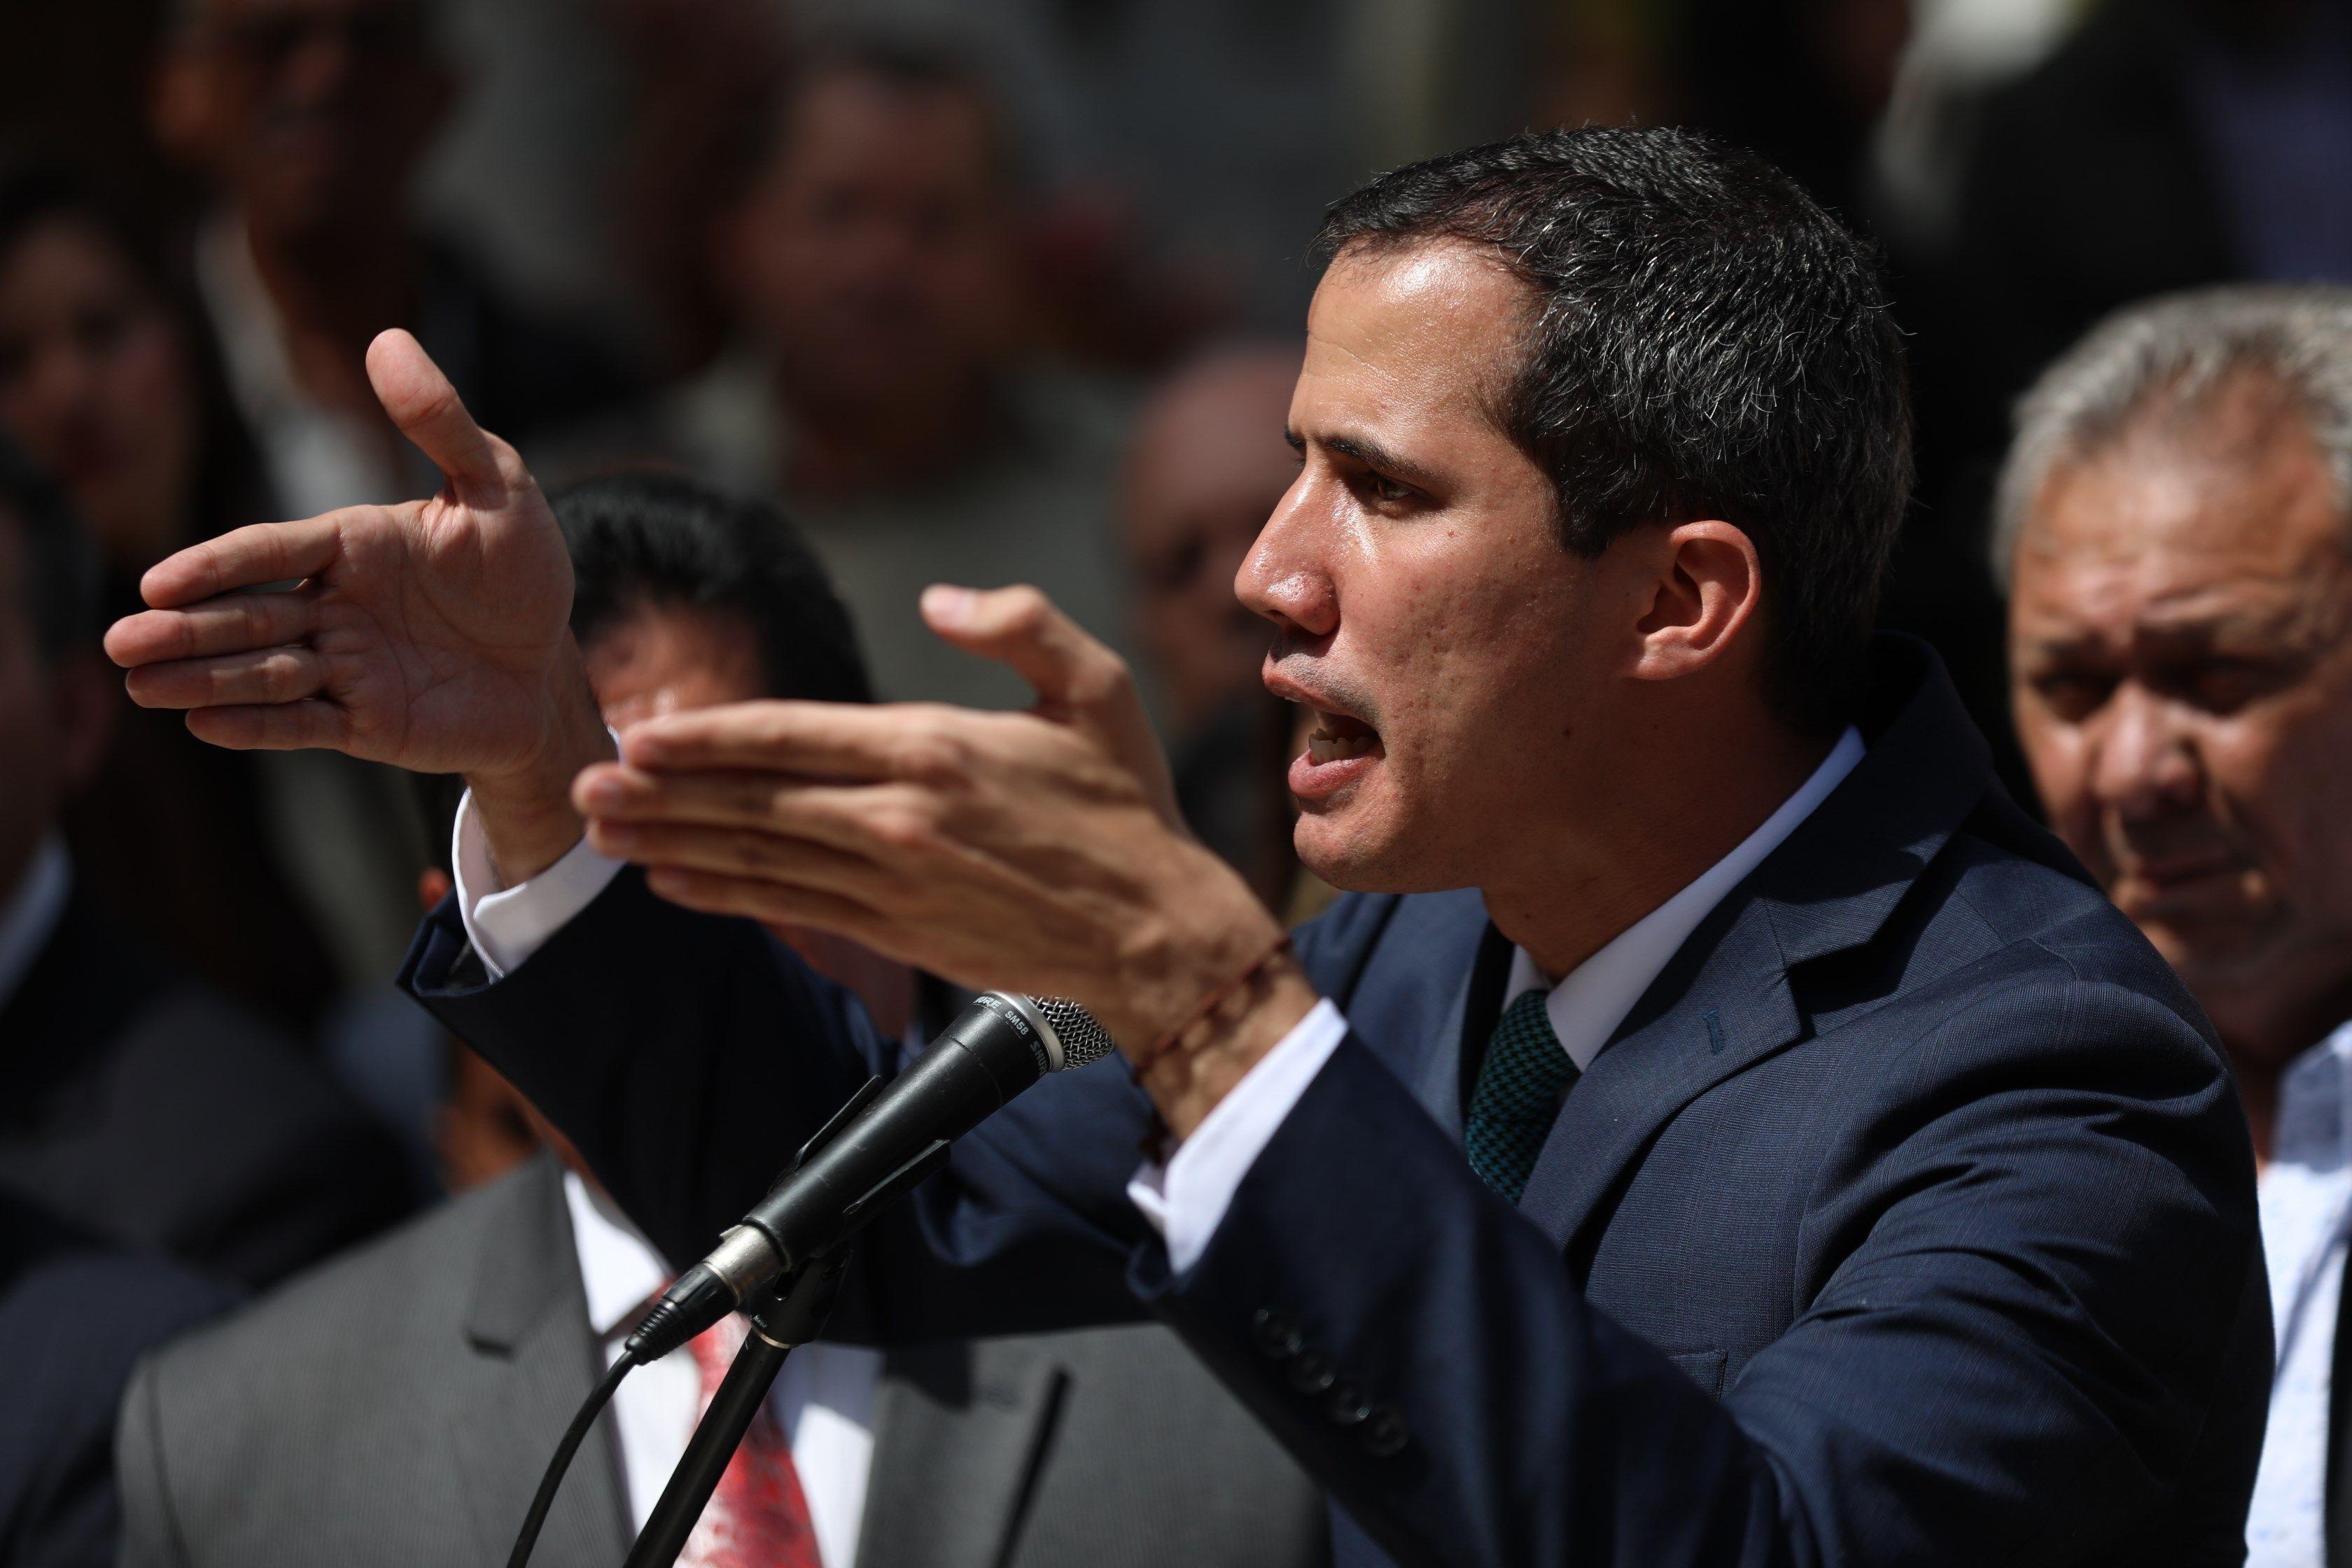 Juan Guaidó, que el 23 de enero pasado se adjudicó las competencias del Ejecutivo como presidente interino, afirmó que tiene un plan de reactivación económica, pero que lo primero es recuperar la democracia. (Foto Prensa Libre: EFE)